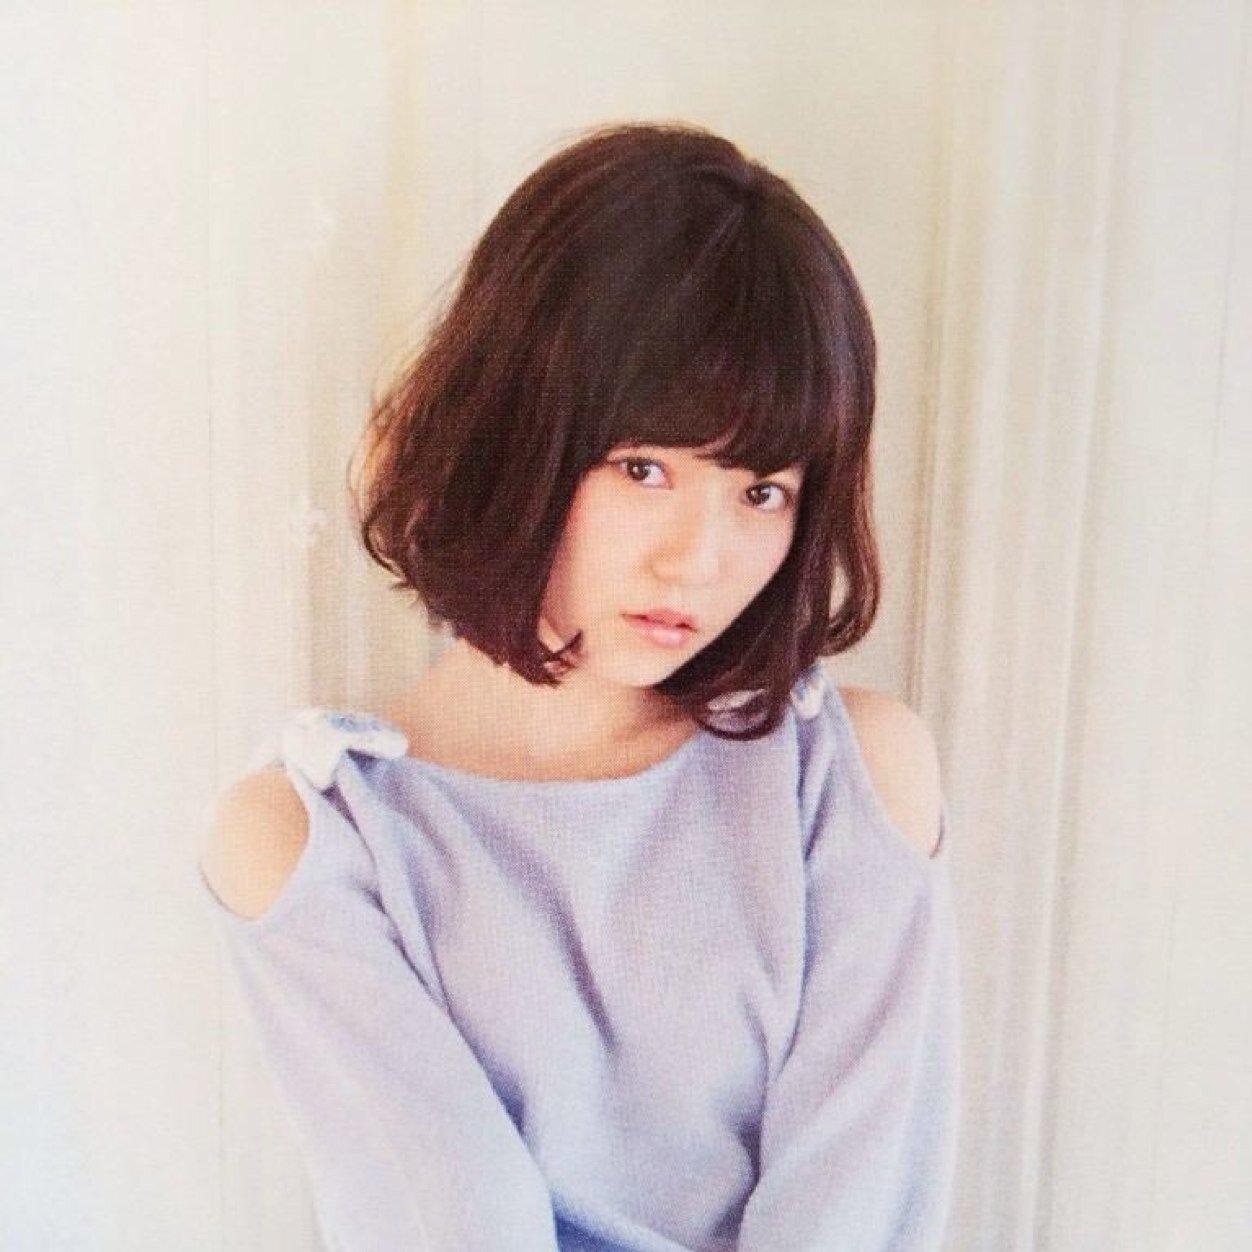 島崎遥香の画像 p1_26